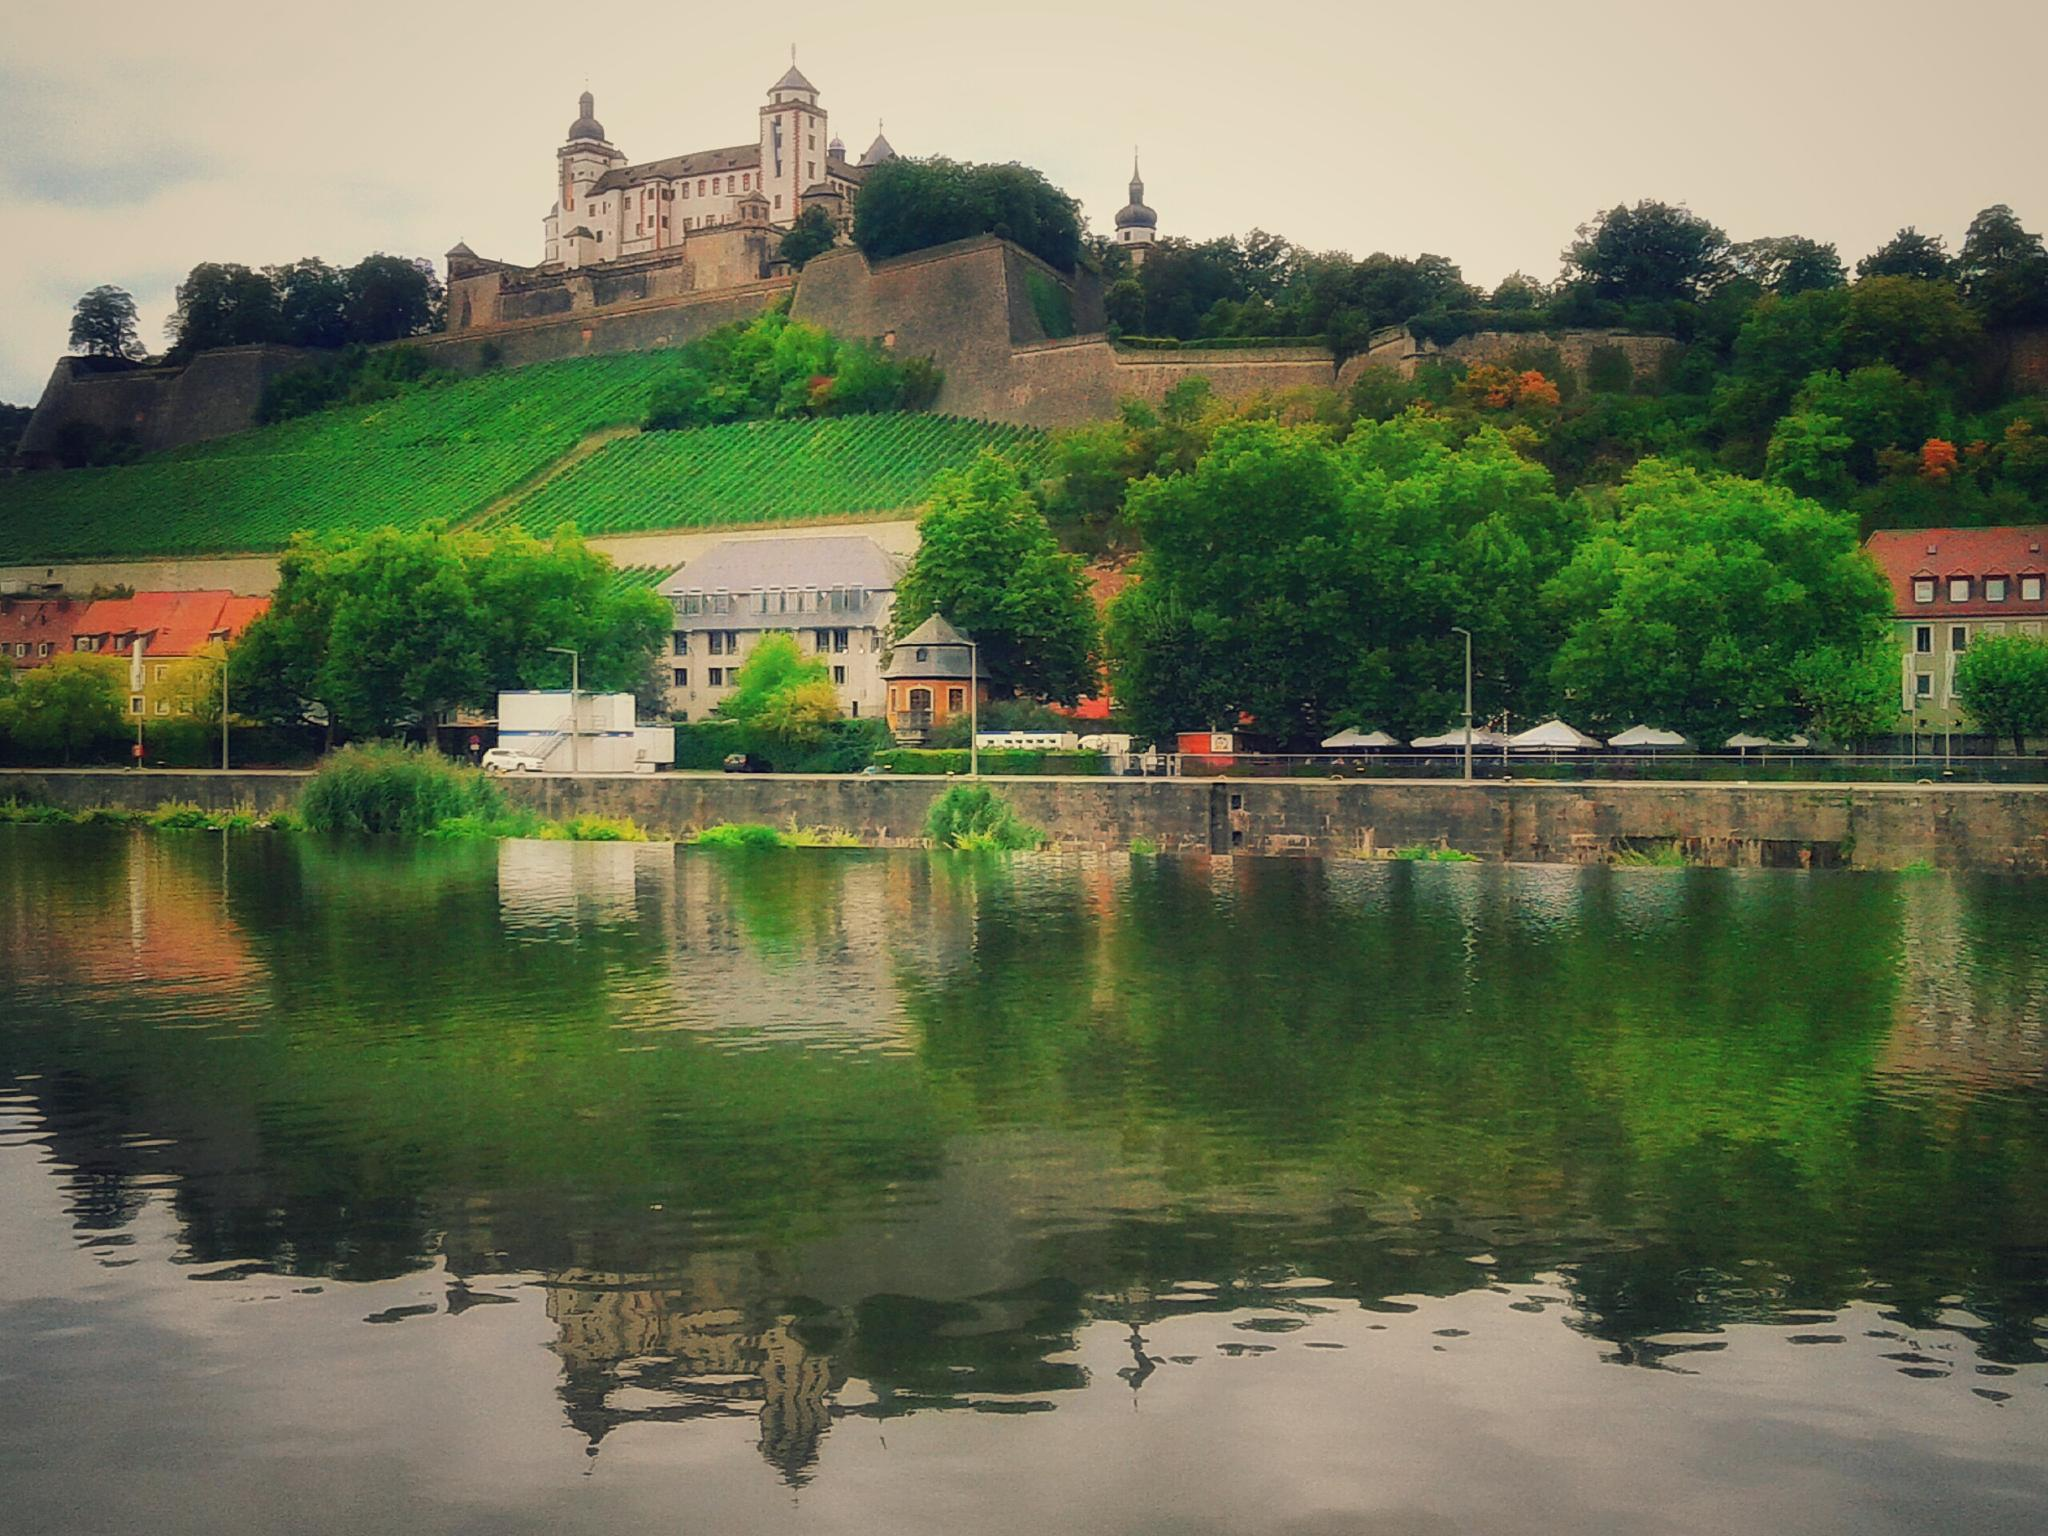 Altstadt Würzburg by yovita dewi